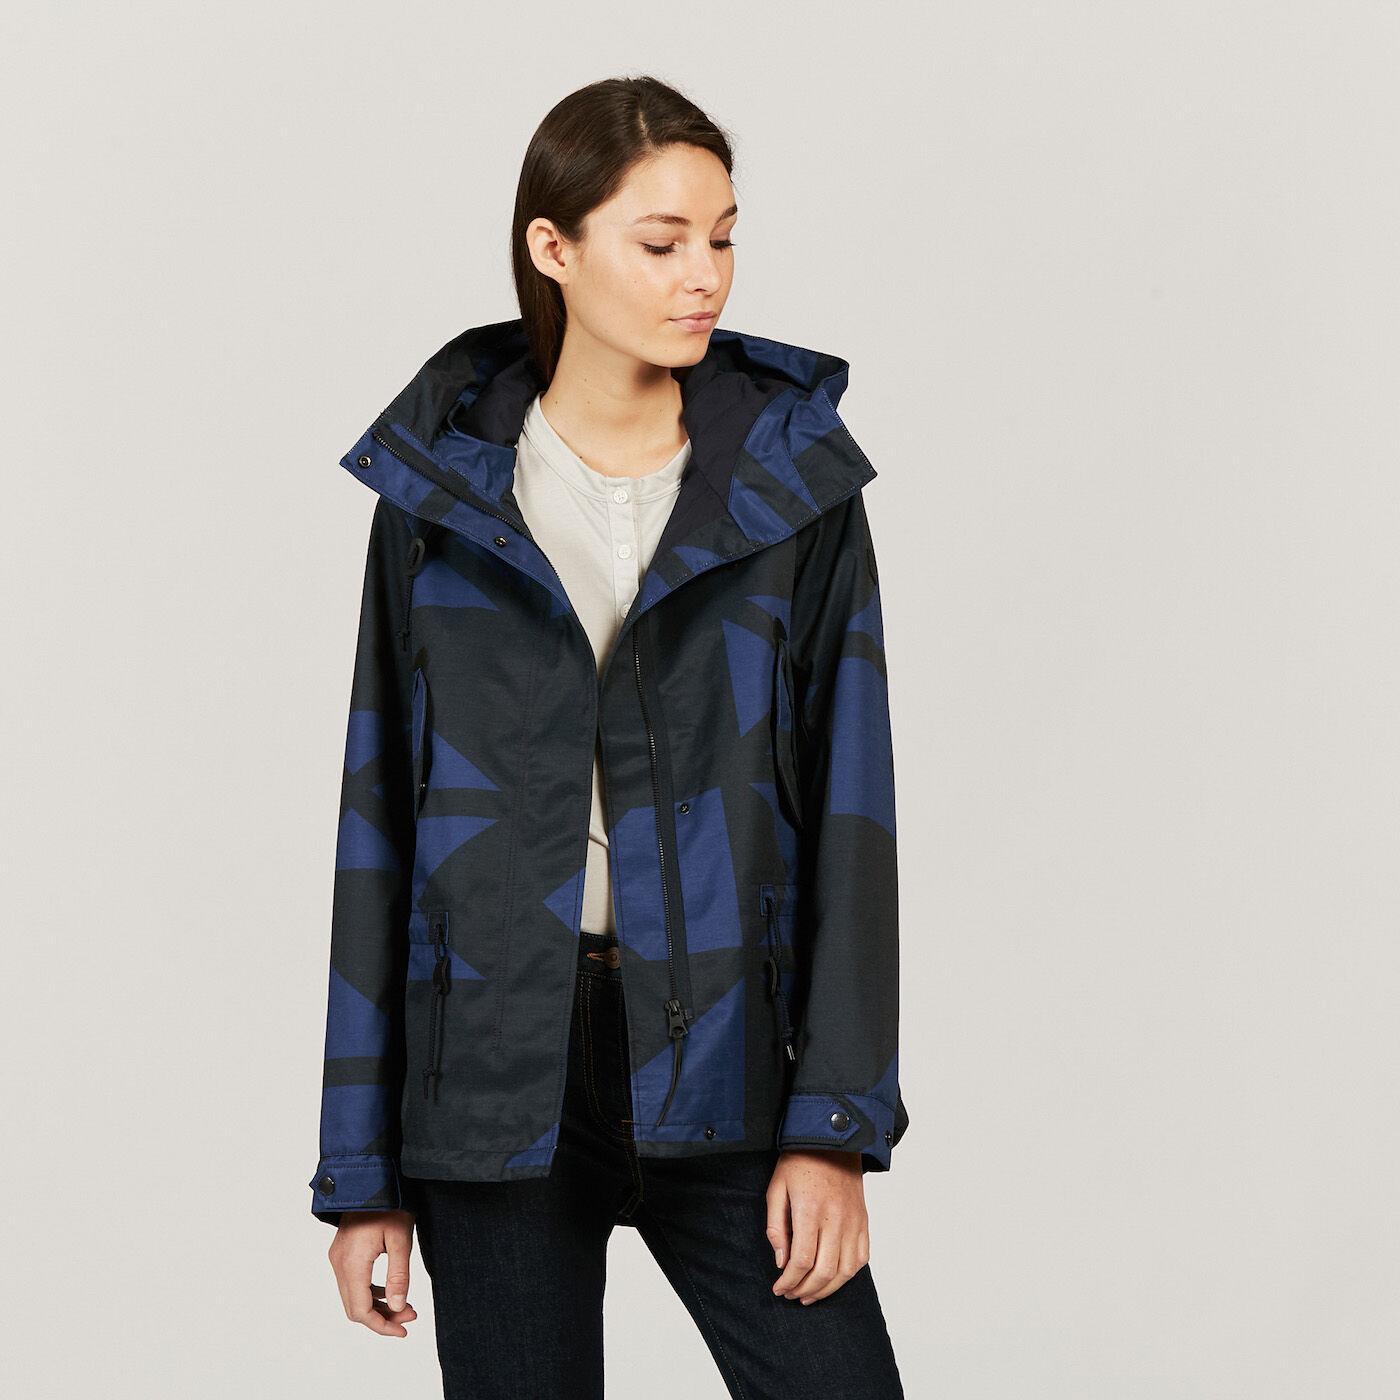 Style de manteau pour femme petite